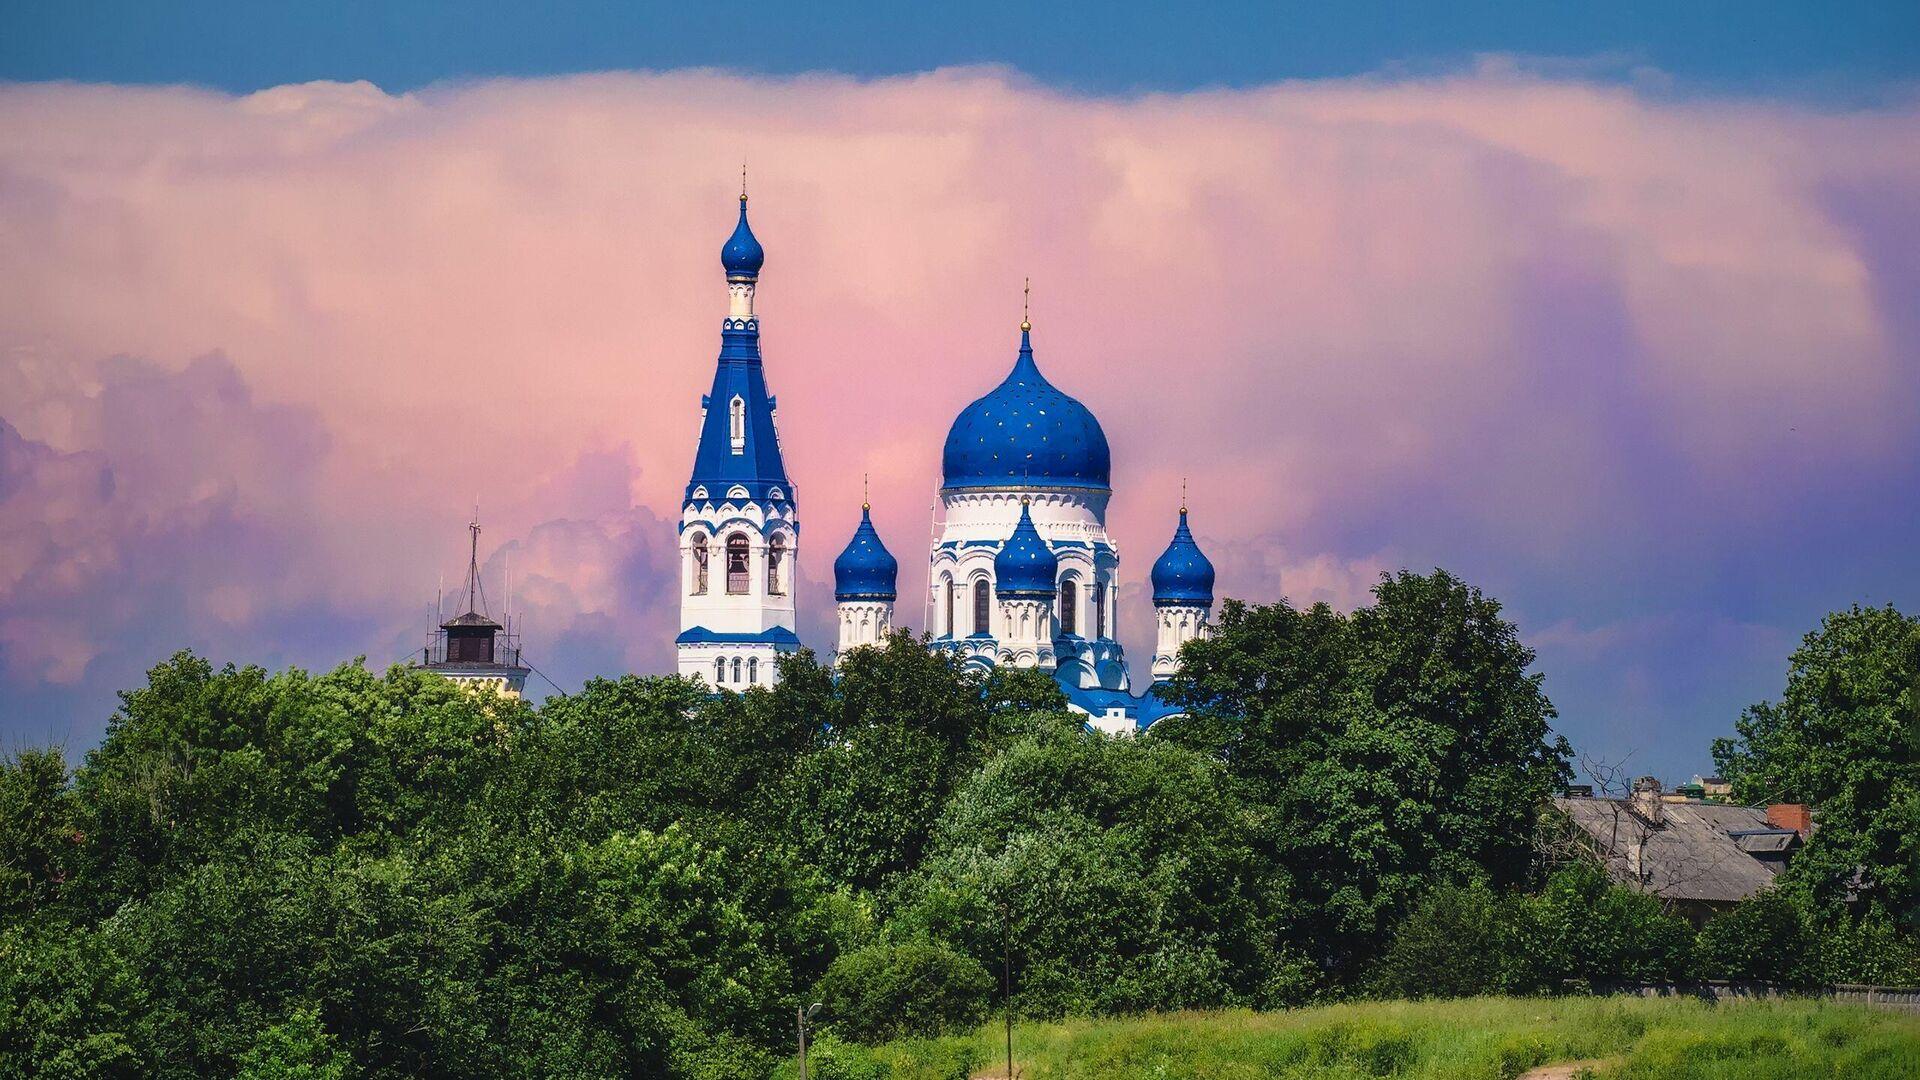 Церковь с Суздале - РИА Новости, 1920, 14.07.2021